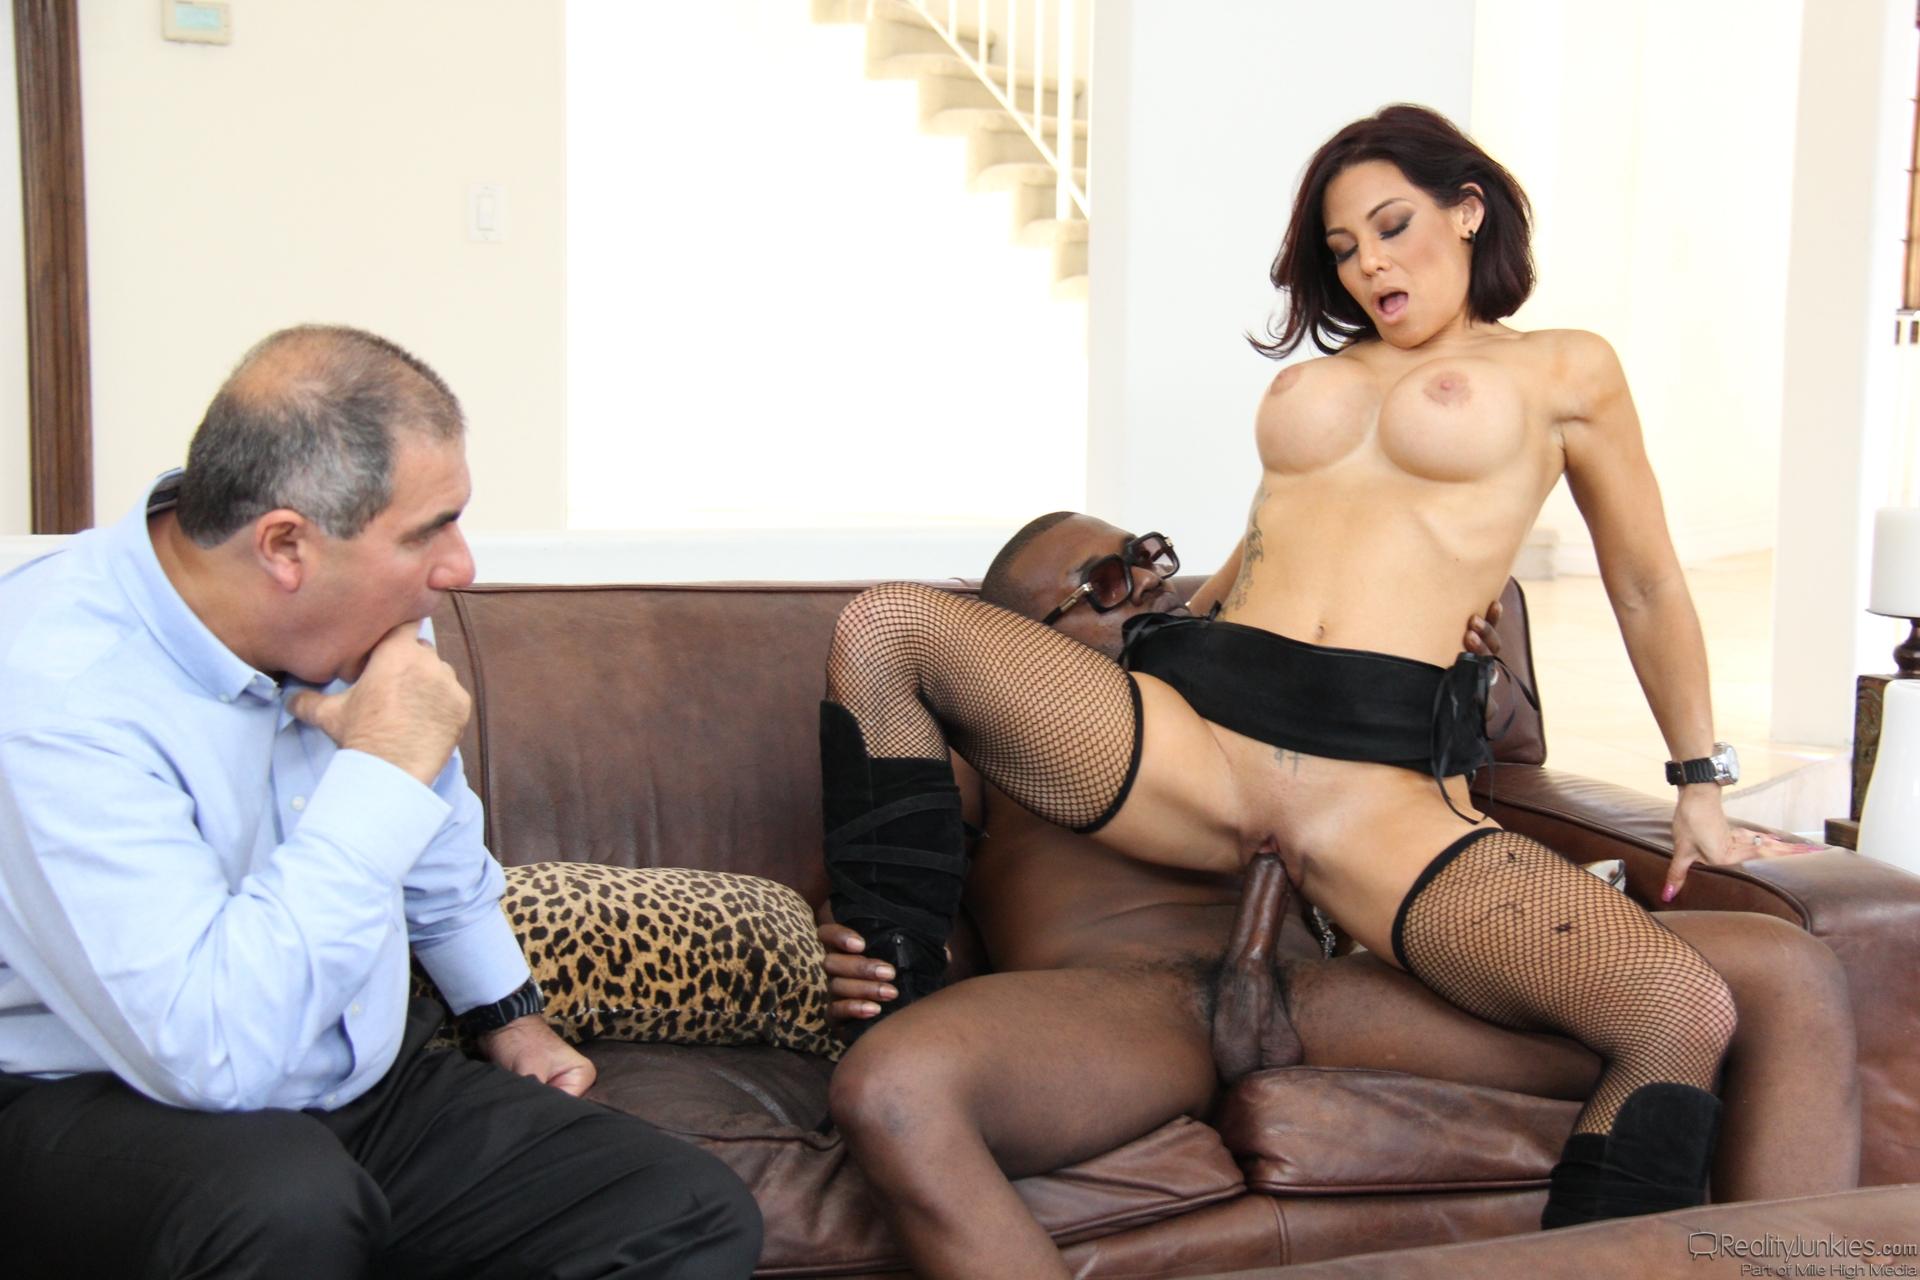 cuckold forum sexspielzeuge mann